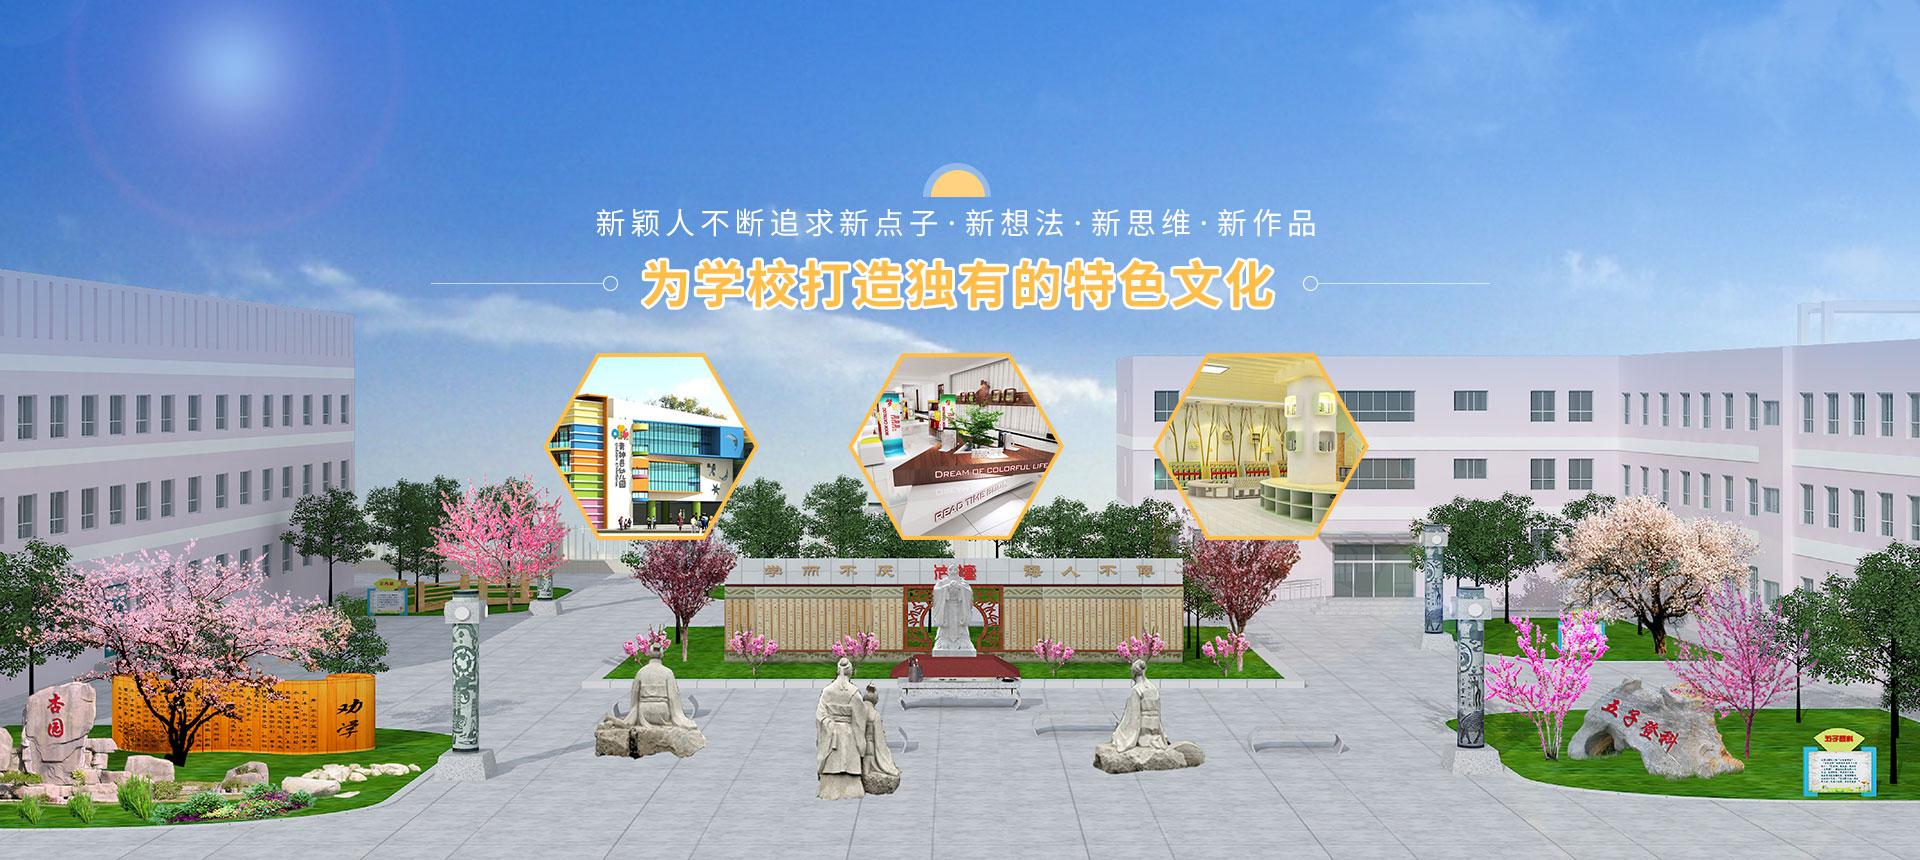 陕西校园走廊文化墙设计